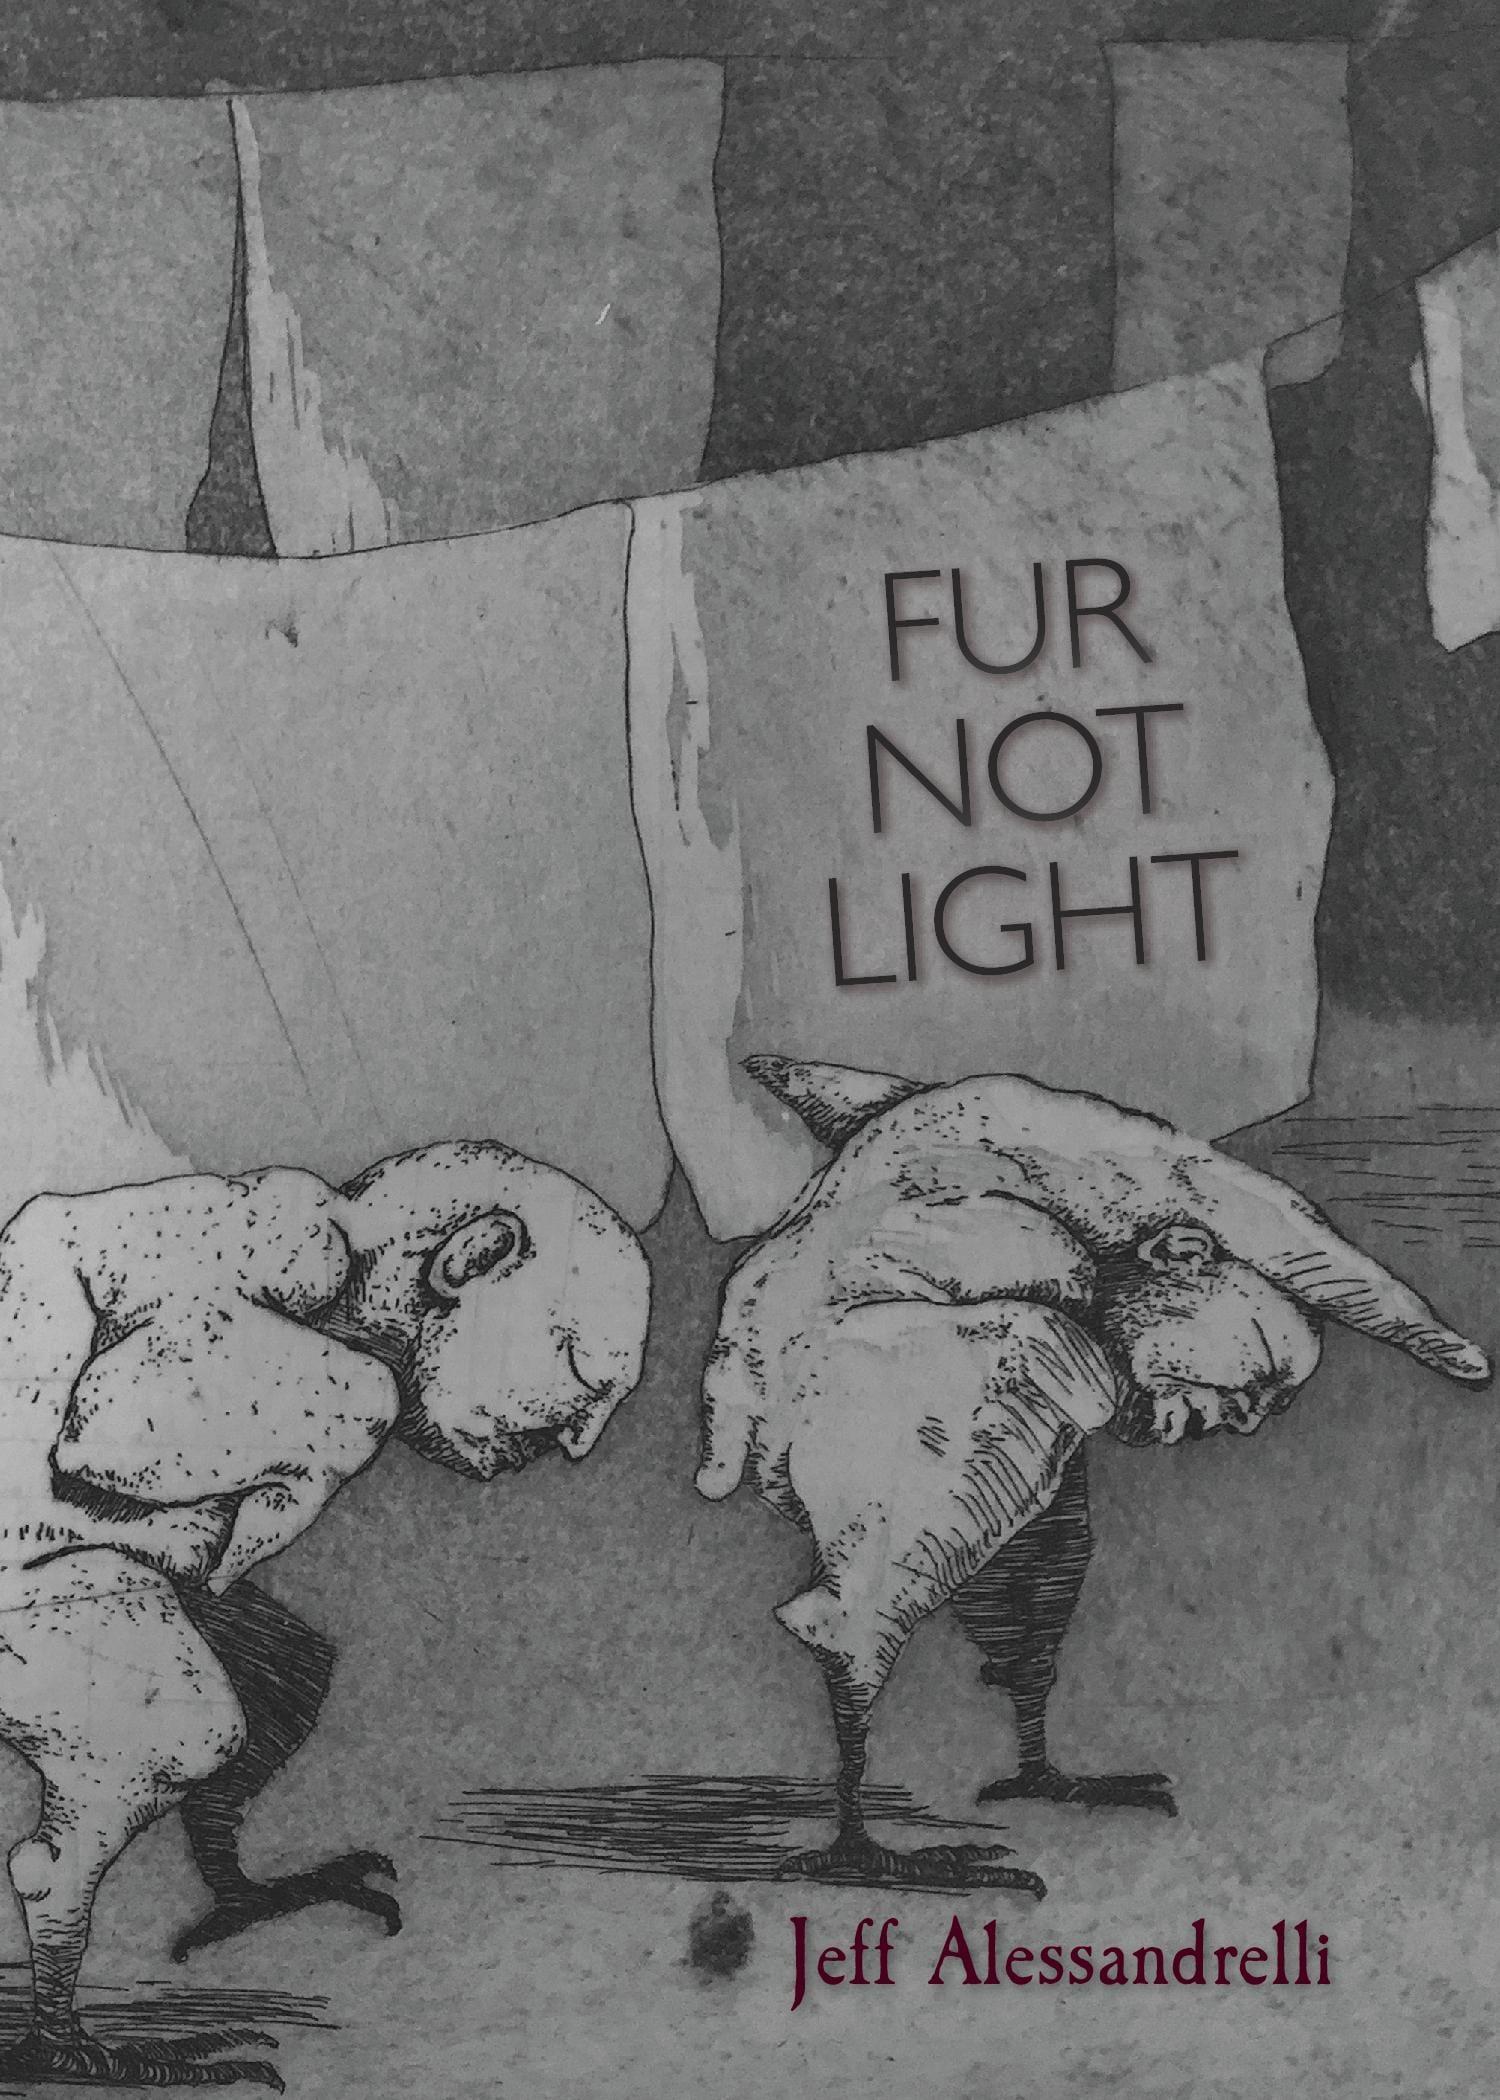 Fur Not Light